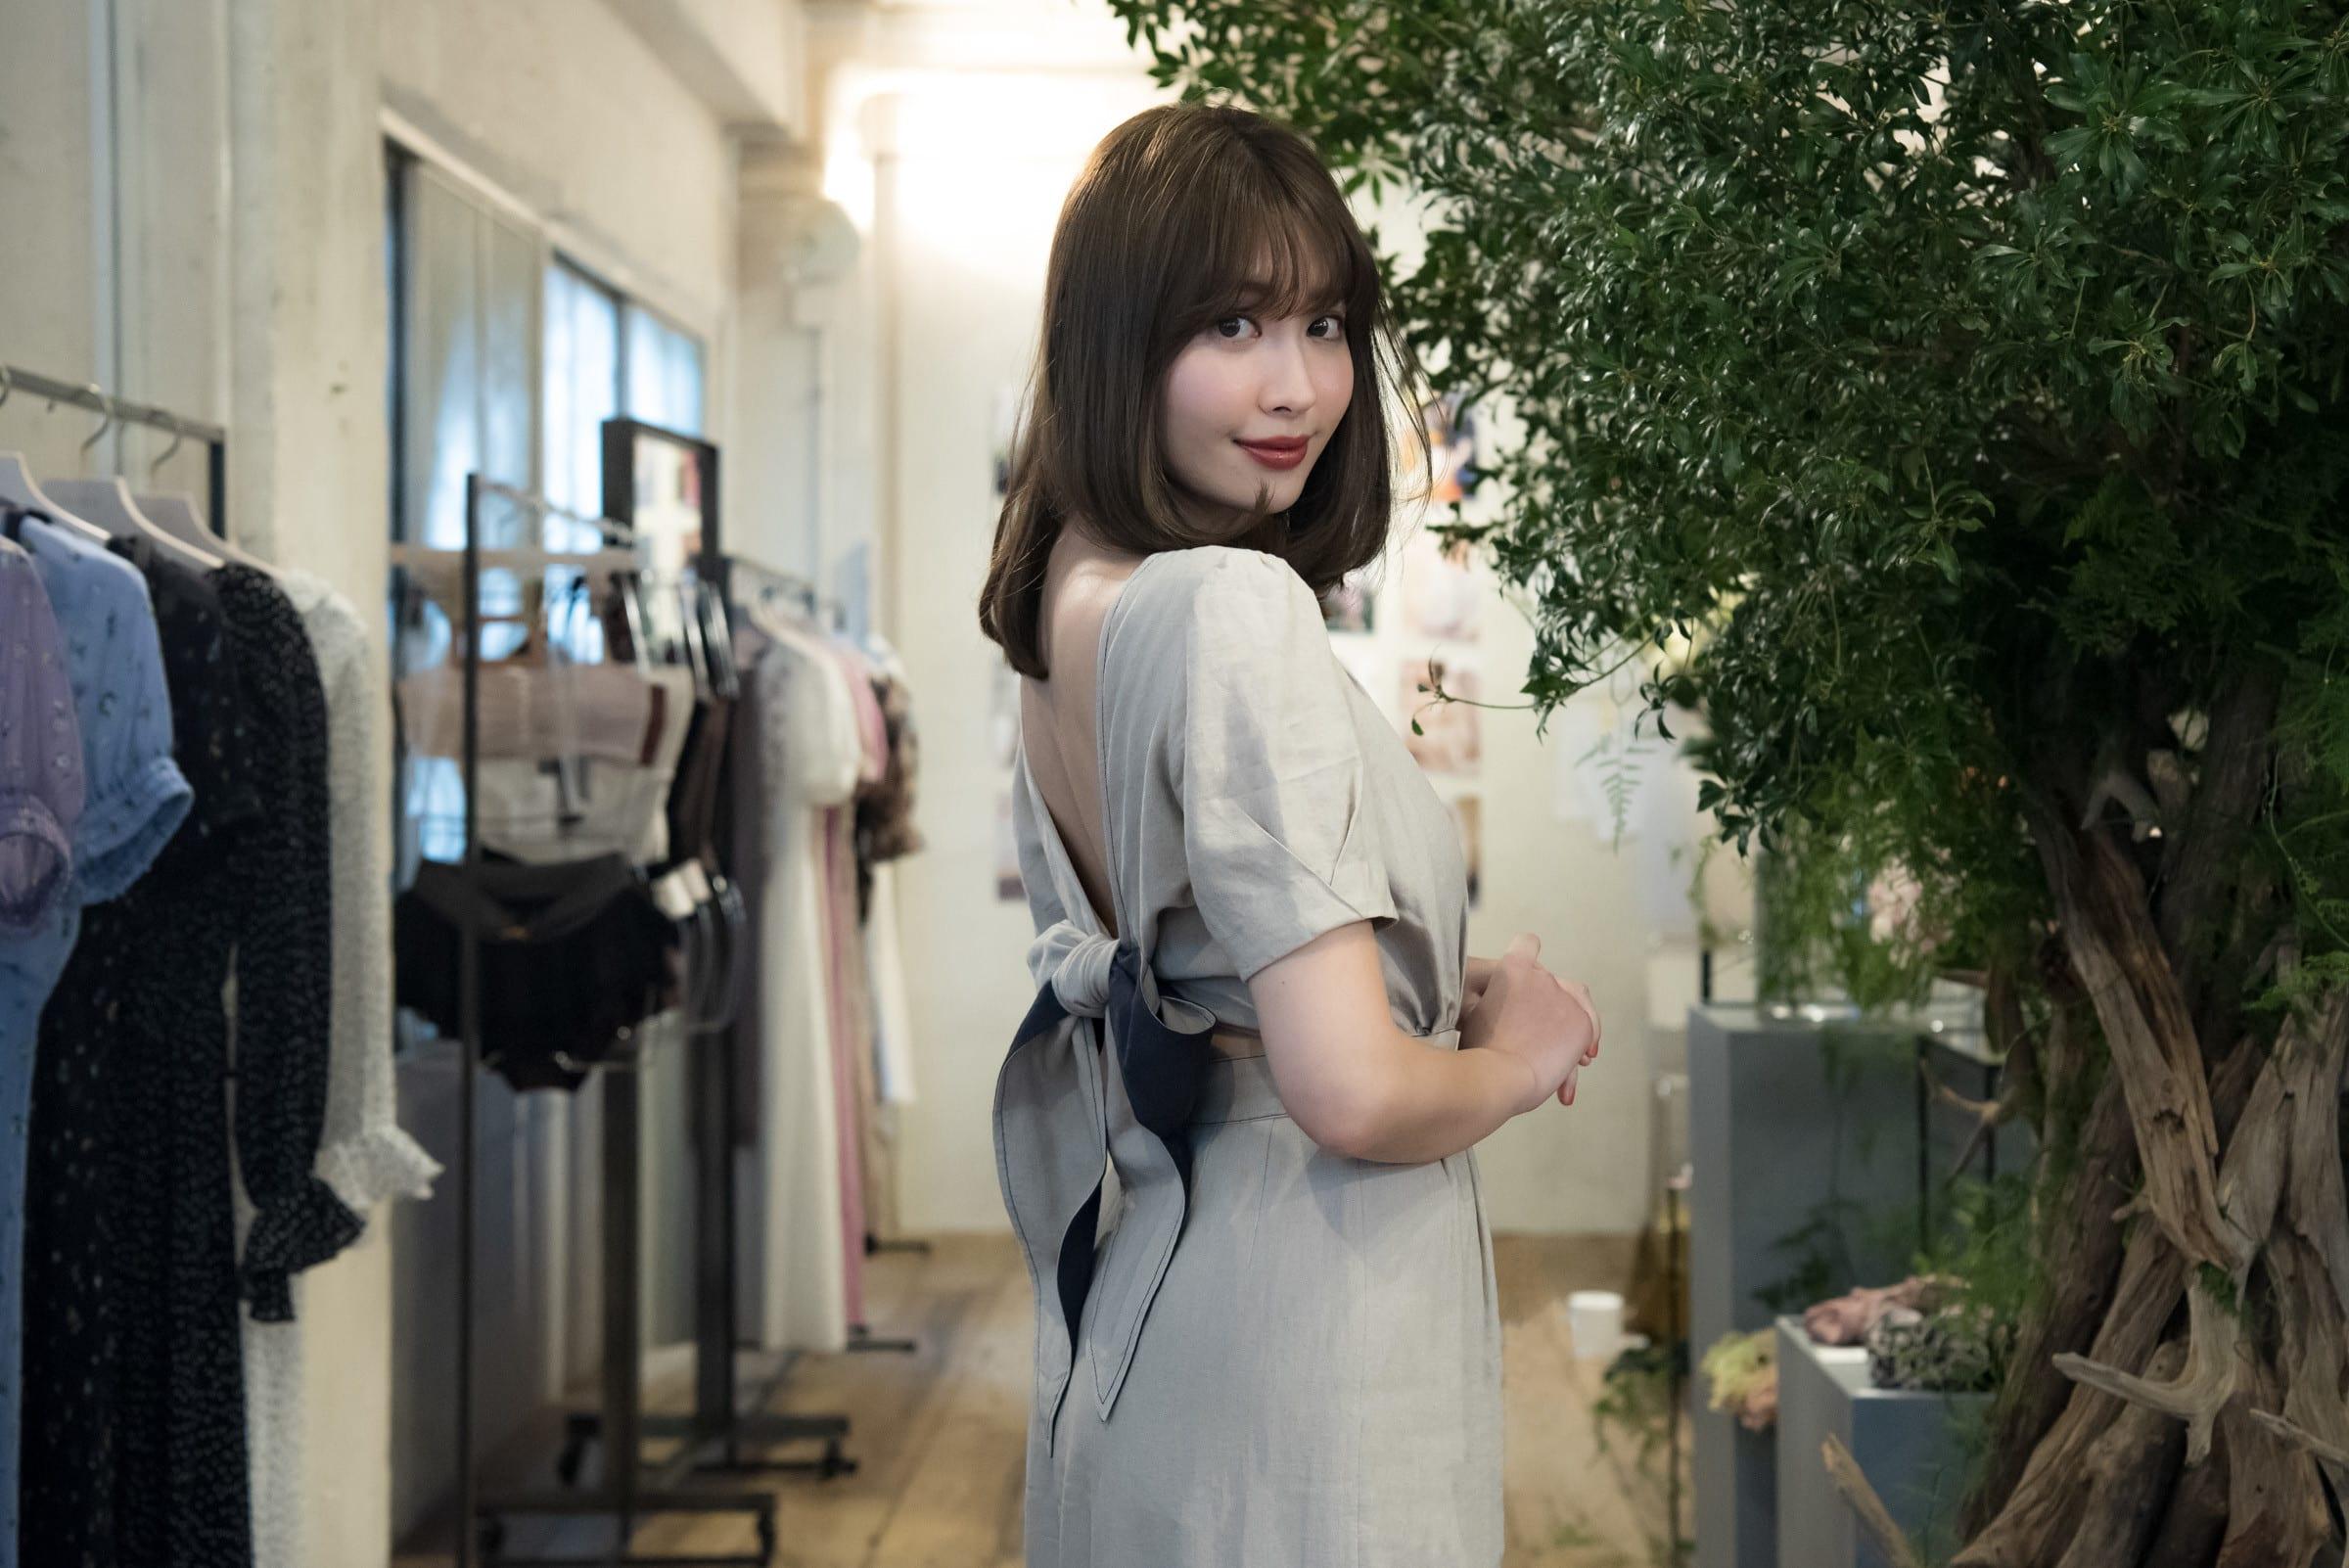 a3214aa5e72bf AKB48卒業から2年、小嶋陽菜が選んだファッションの道とこれからのコト